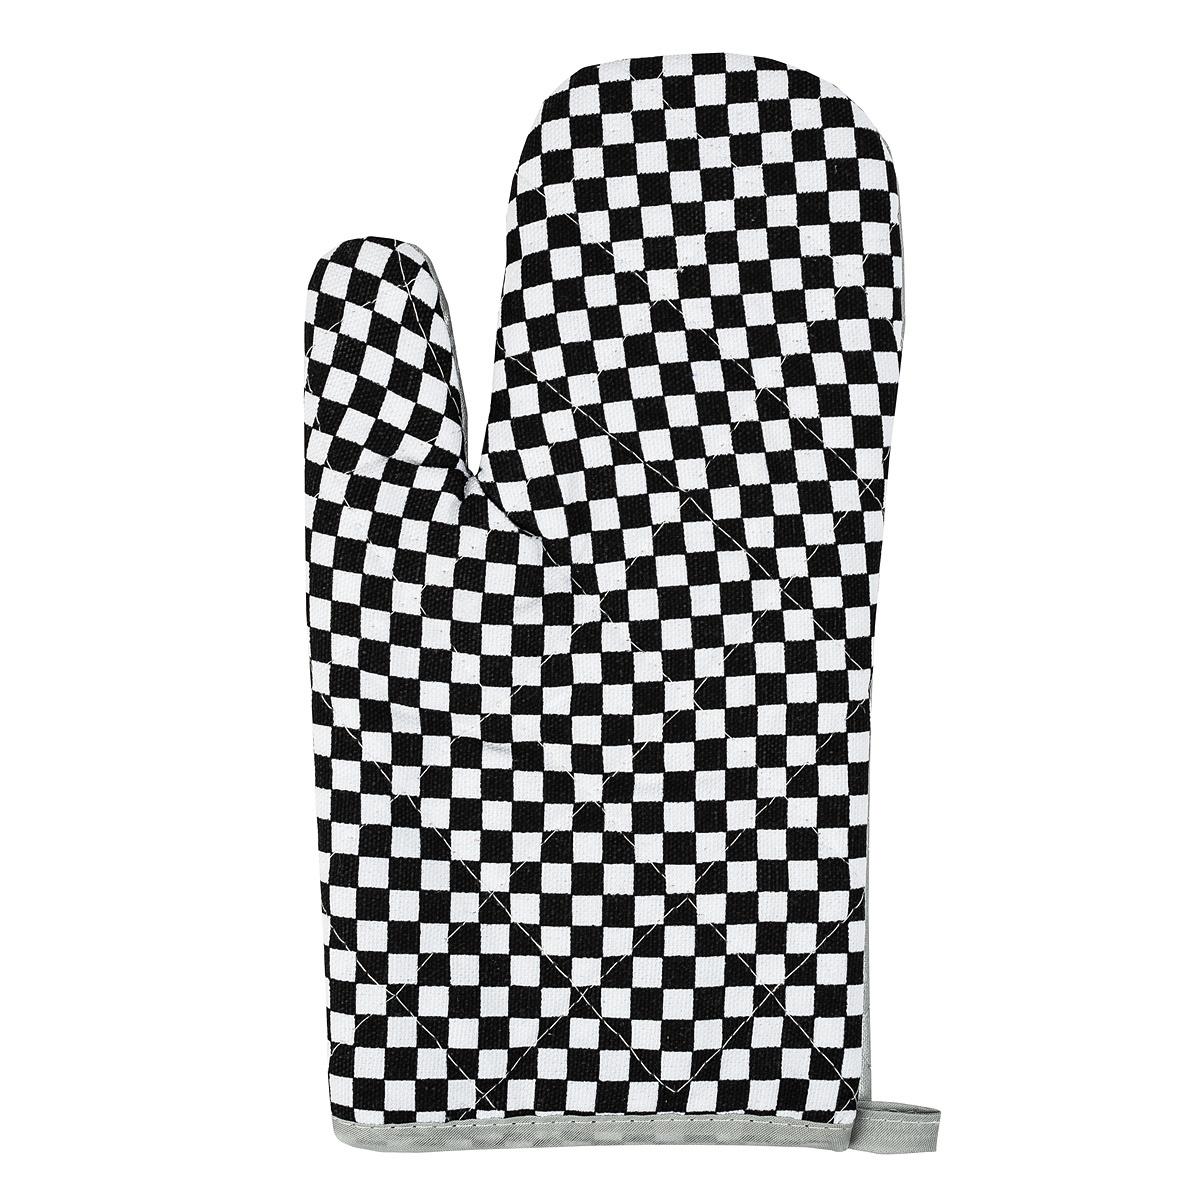 Jahu Chňapka Kostka černobílá, 28 x 18 cm